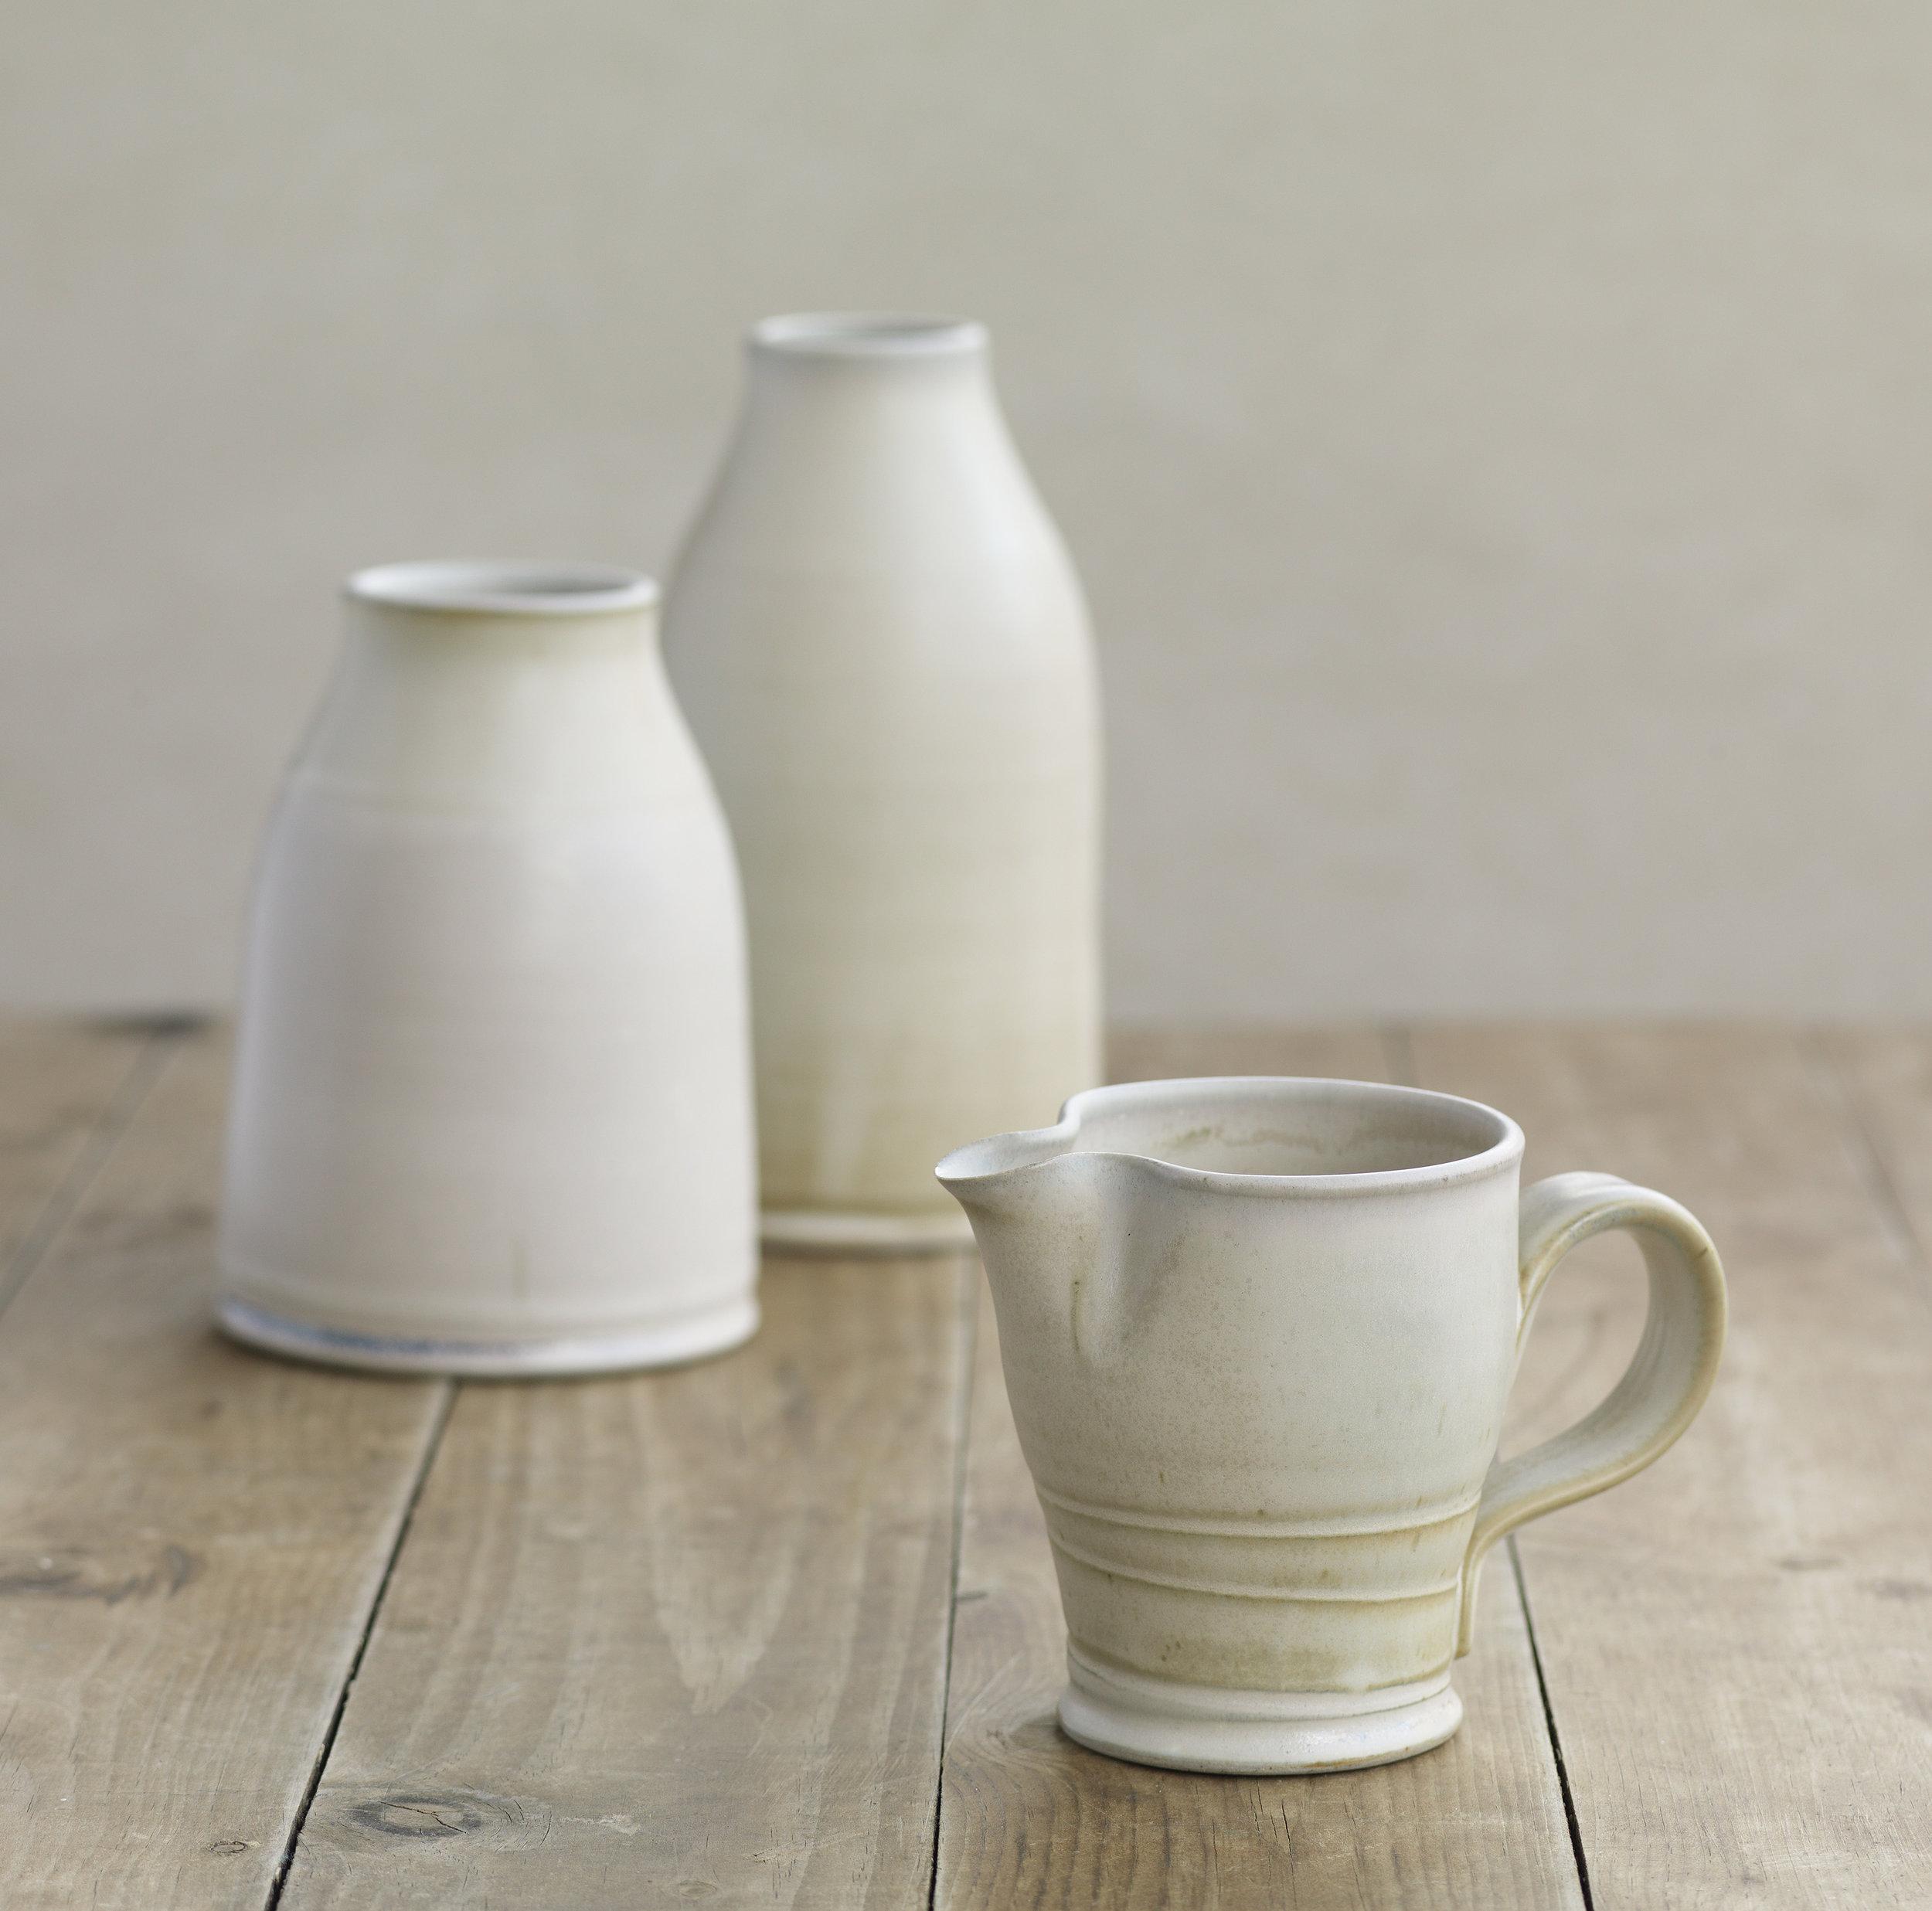 bottles-and-jug-1.jpg